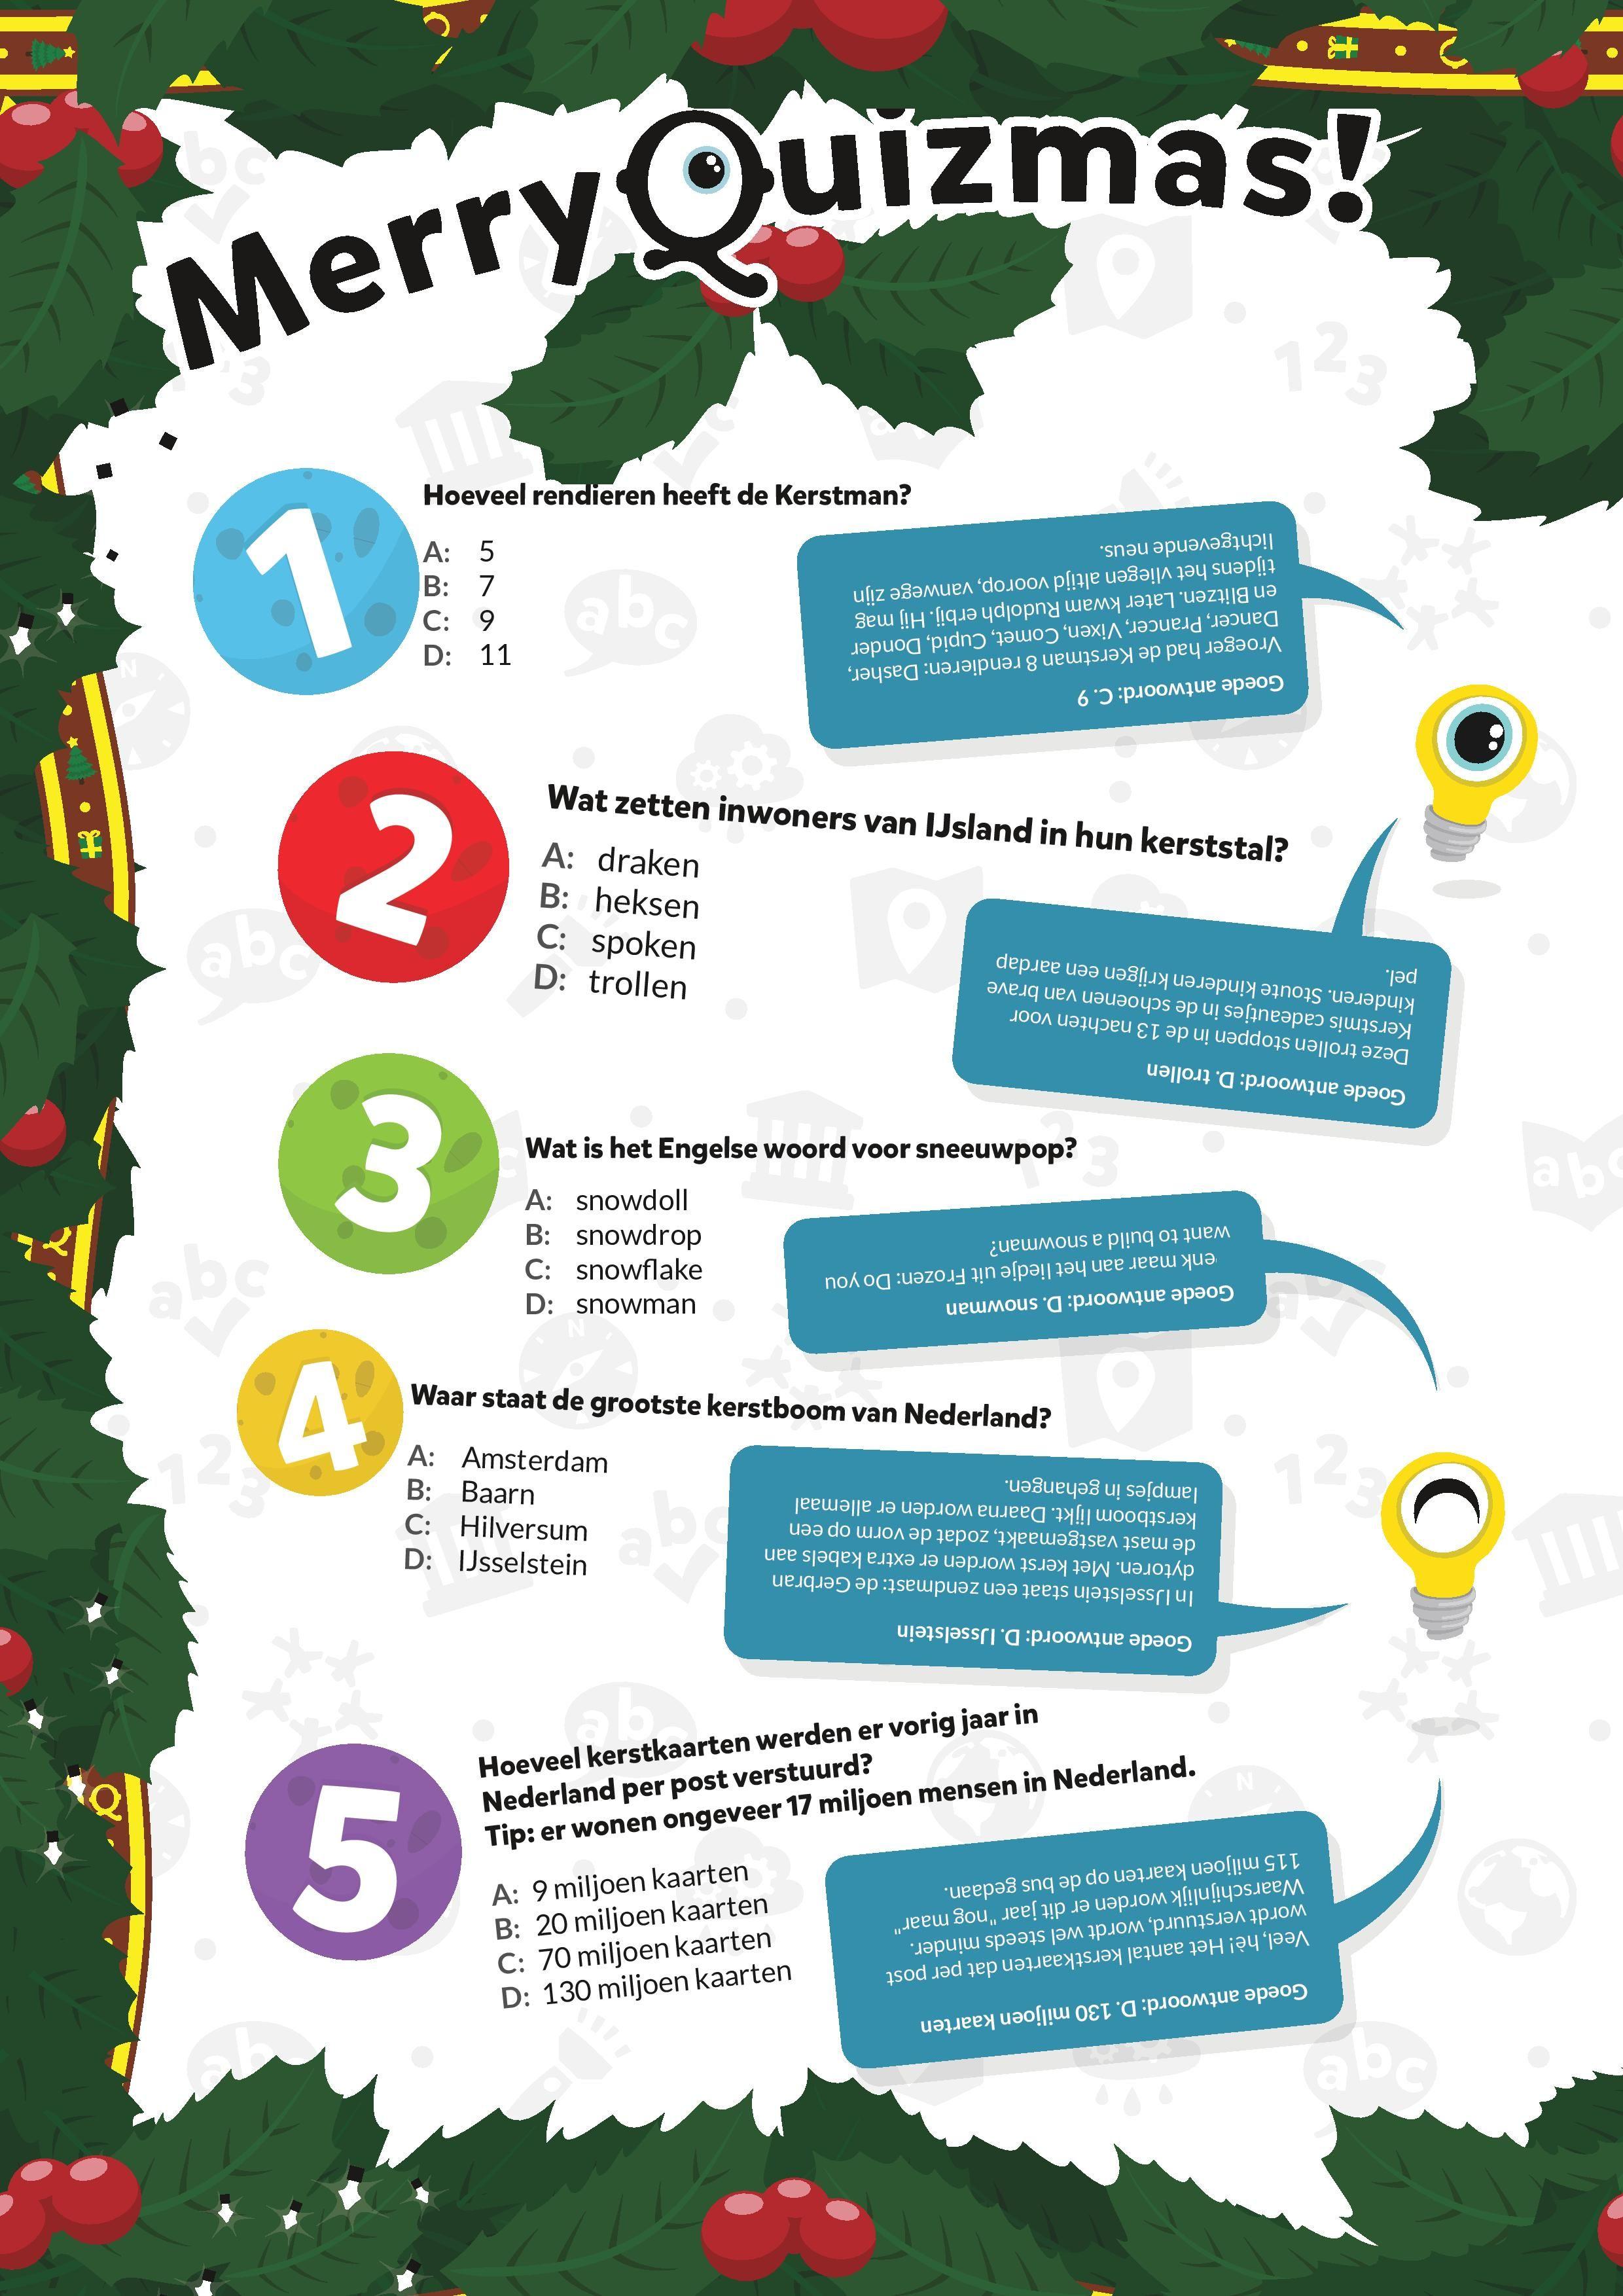 Kleurplaten Voor Kinderen Leuk En Leerzaam Gratis Downloaden Kerst Spelletjes Kerstvakantie Kerstmis